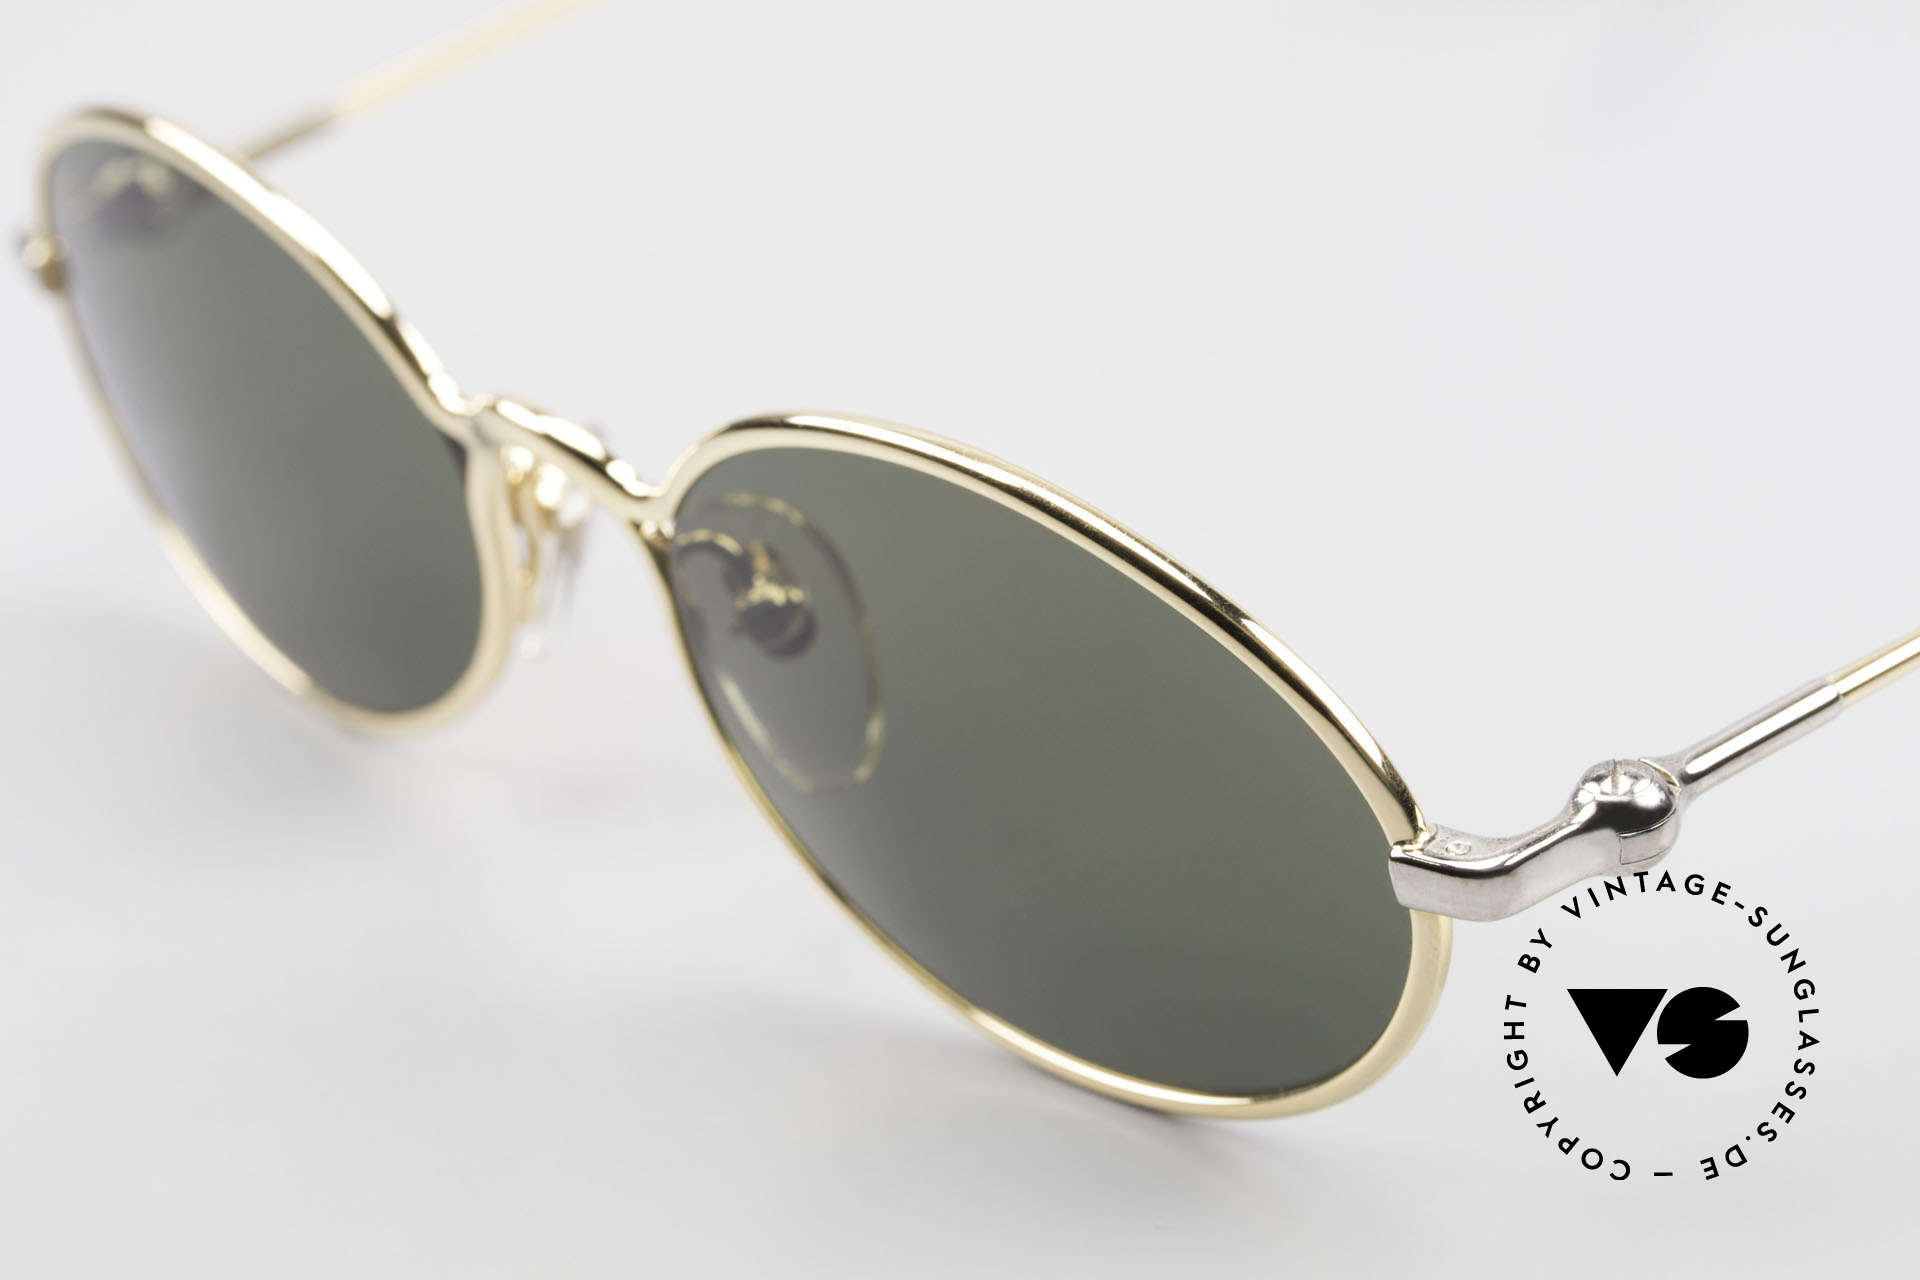 Aston Martin AM13 Ovale Sonnenbrille James Bond, kostbares Unikat (mit Seriennummer) in TOP-Qualität, Passend für Herren